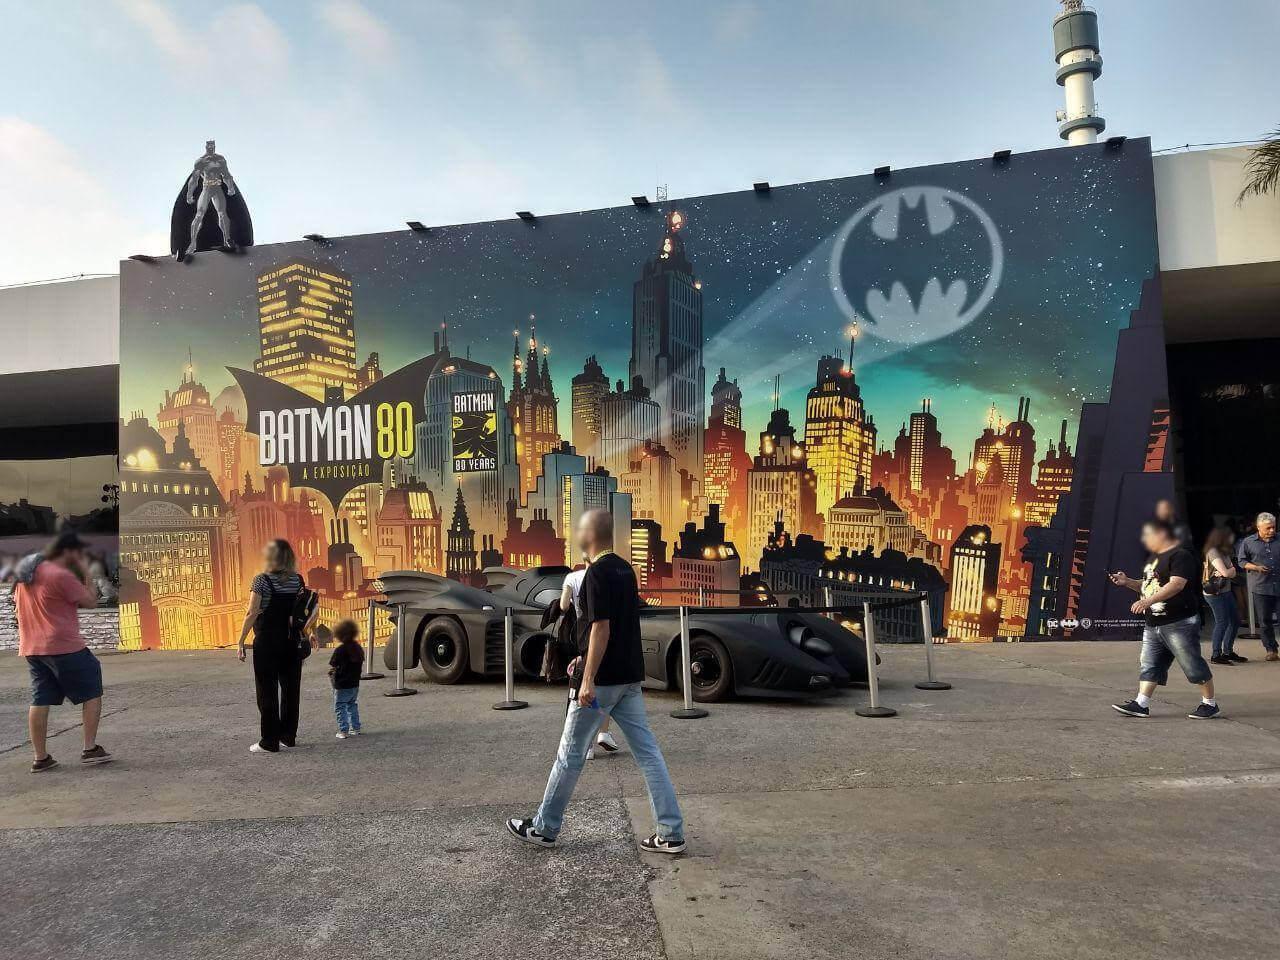 80 anos da franquia Batman.